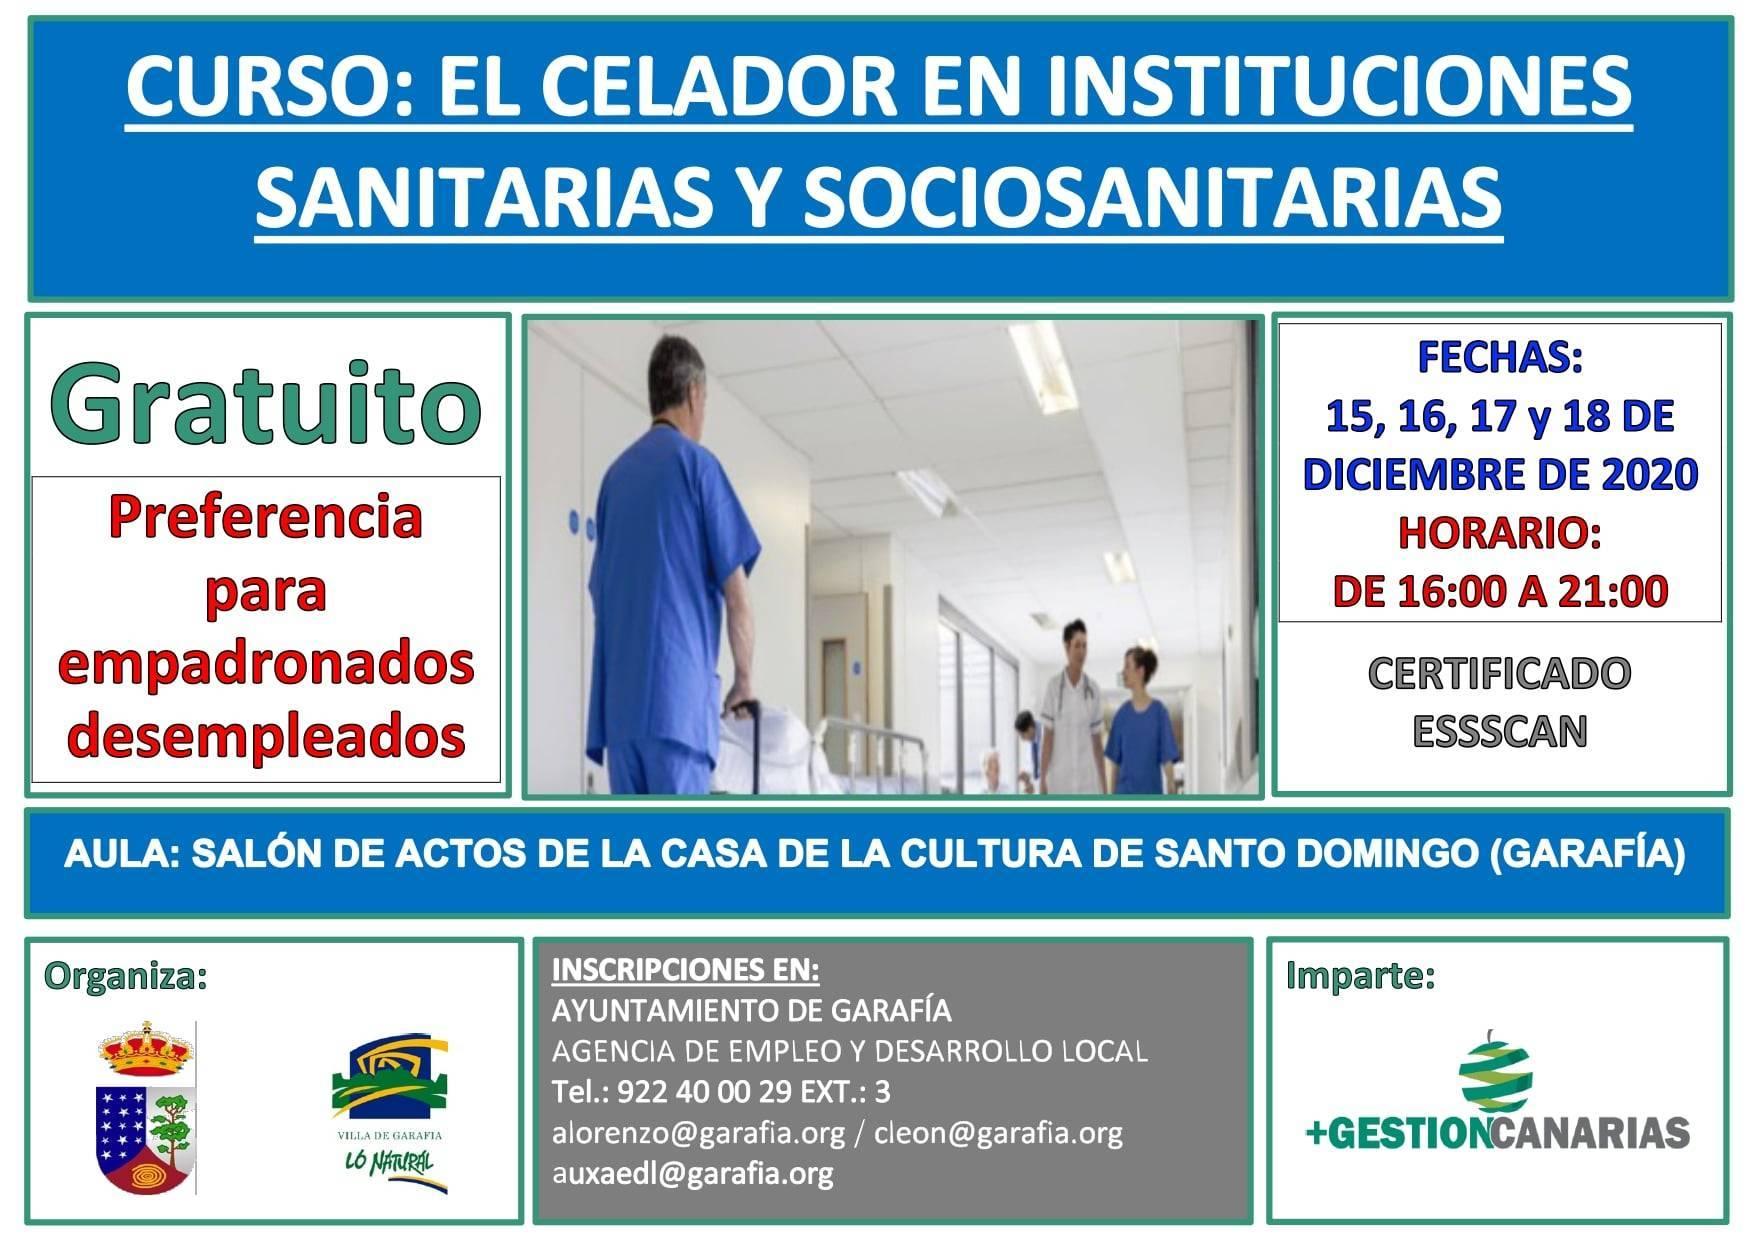 Curso de celador en instituciones sanitarias y sociosanitarias (2020) - Garafía (Santa Cruz de Tenerife)